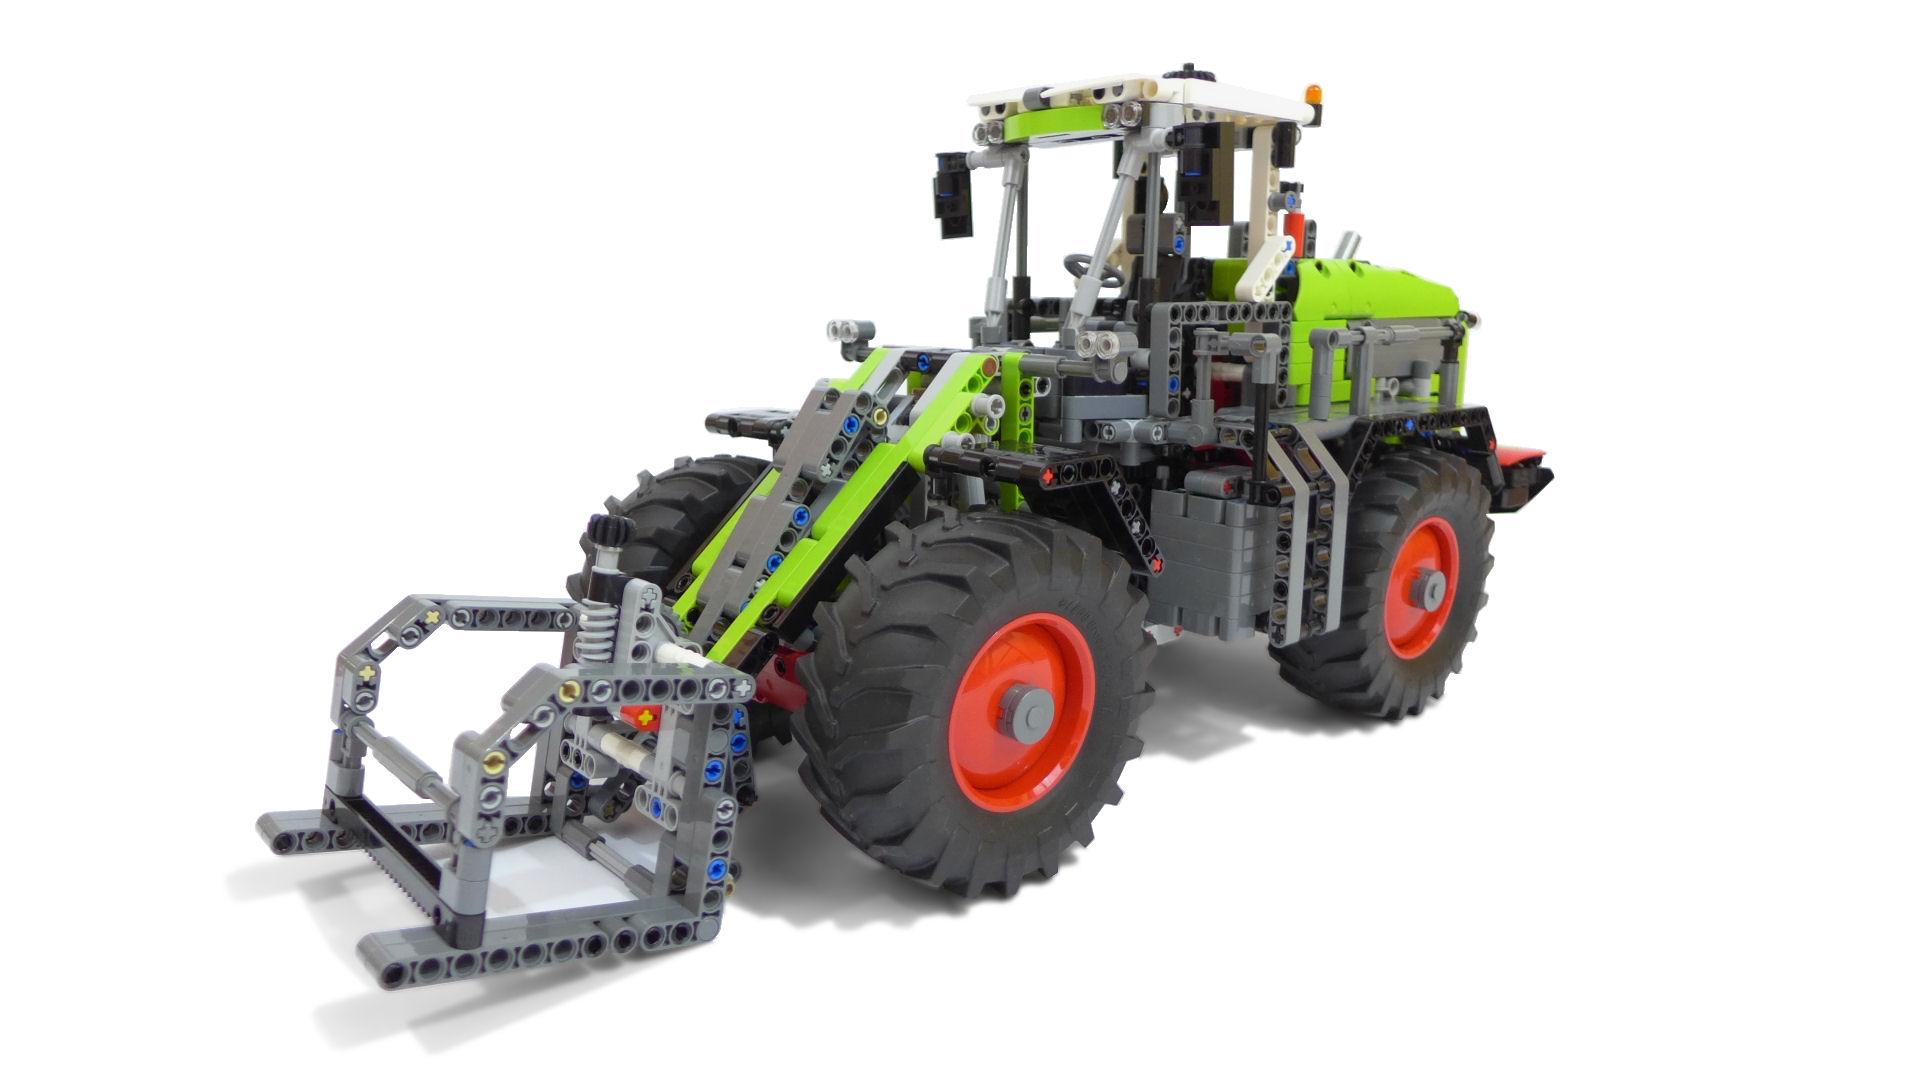 Mlongers Lego Creations 42054 Alternate Wheel Loader